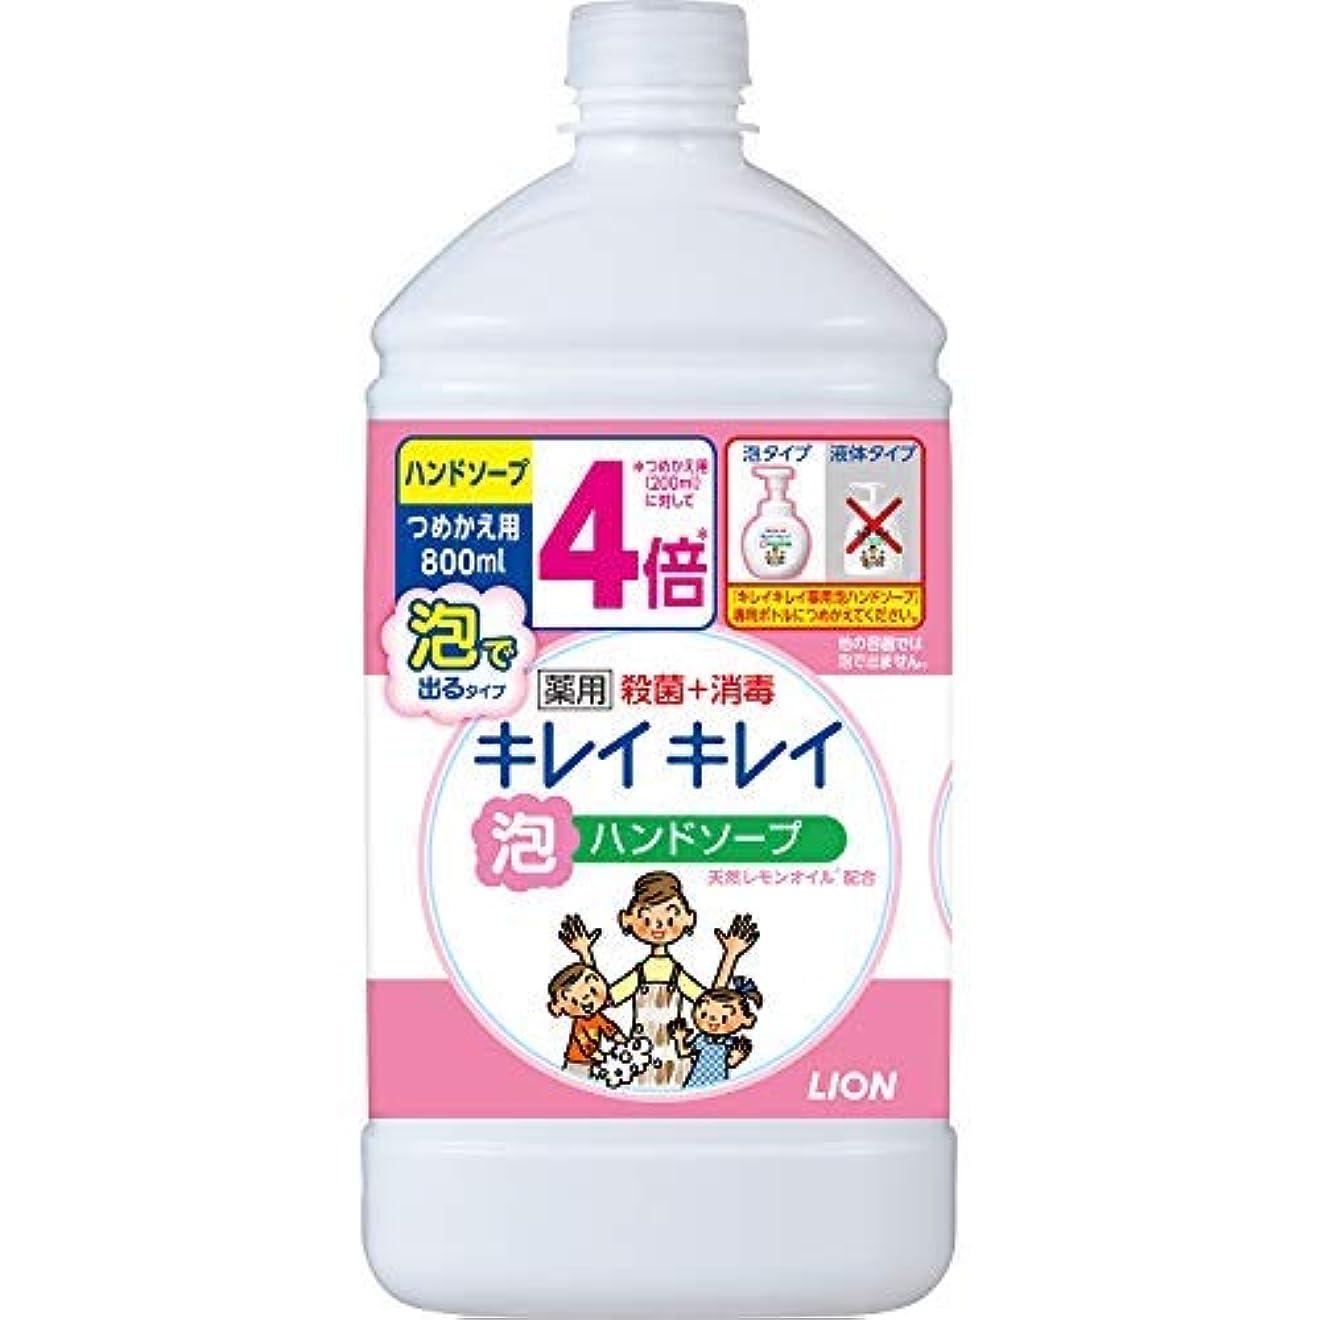 誰輸血提唱するキレイキレイ 薬用泡ハンドソープ つめかえ用特大サイズ シトラスフルーティ × 2個セット